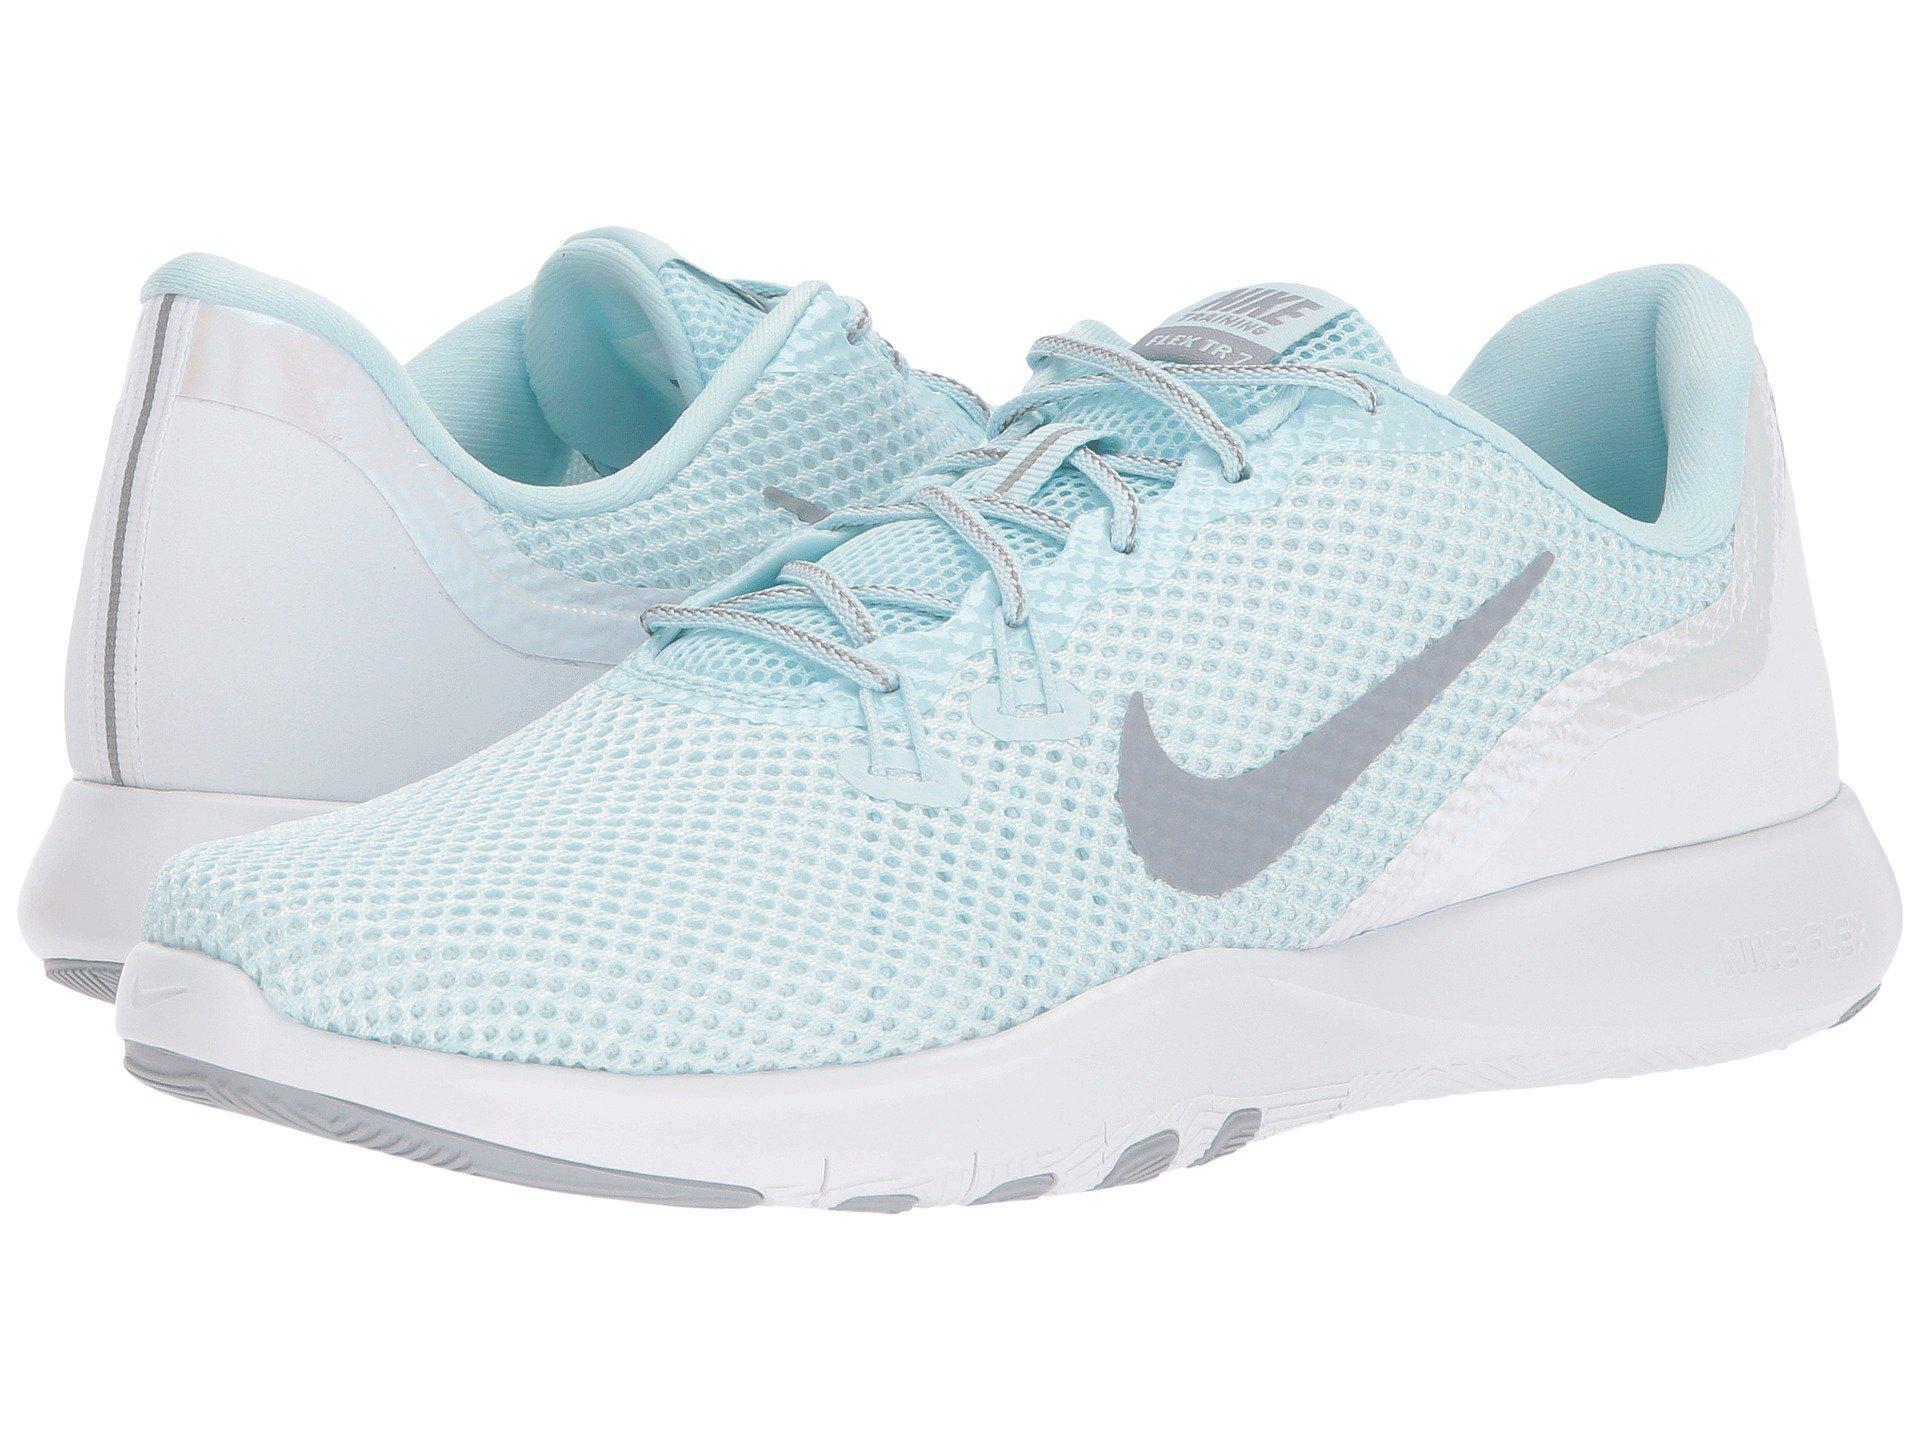 32a326c2cedb Lyst - Nike Flex Tr 7 in Blue - Save 58%